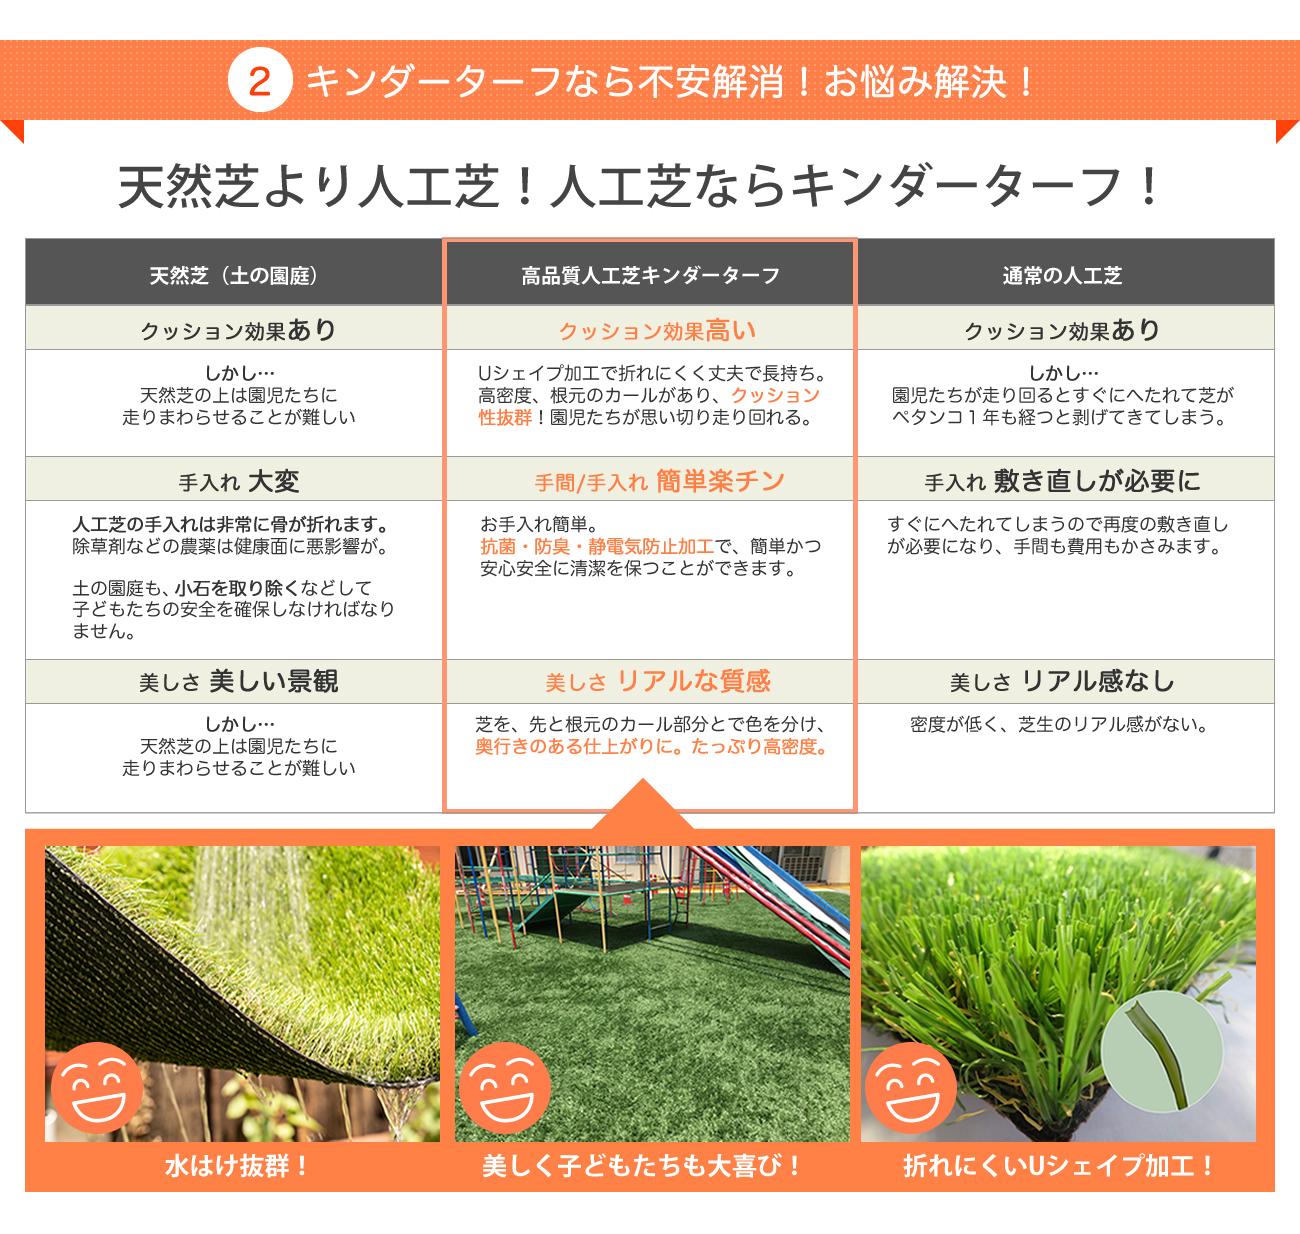 リアル人工芝の無料サンプル進呈中!見積無料